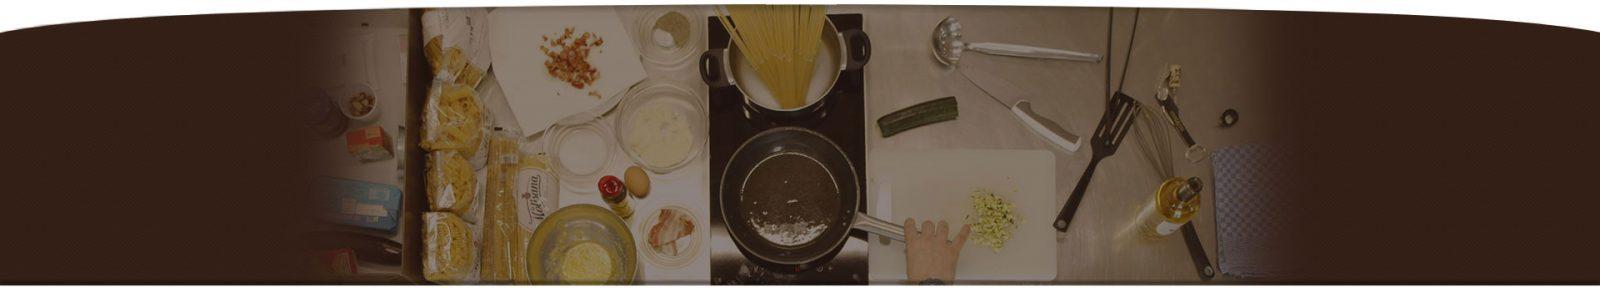 Scuola di cucina firenze accademia italiana chef ente - Accademia di cucina ...